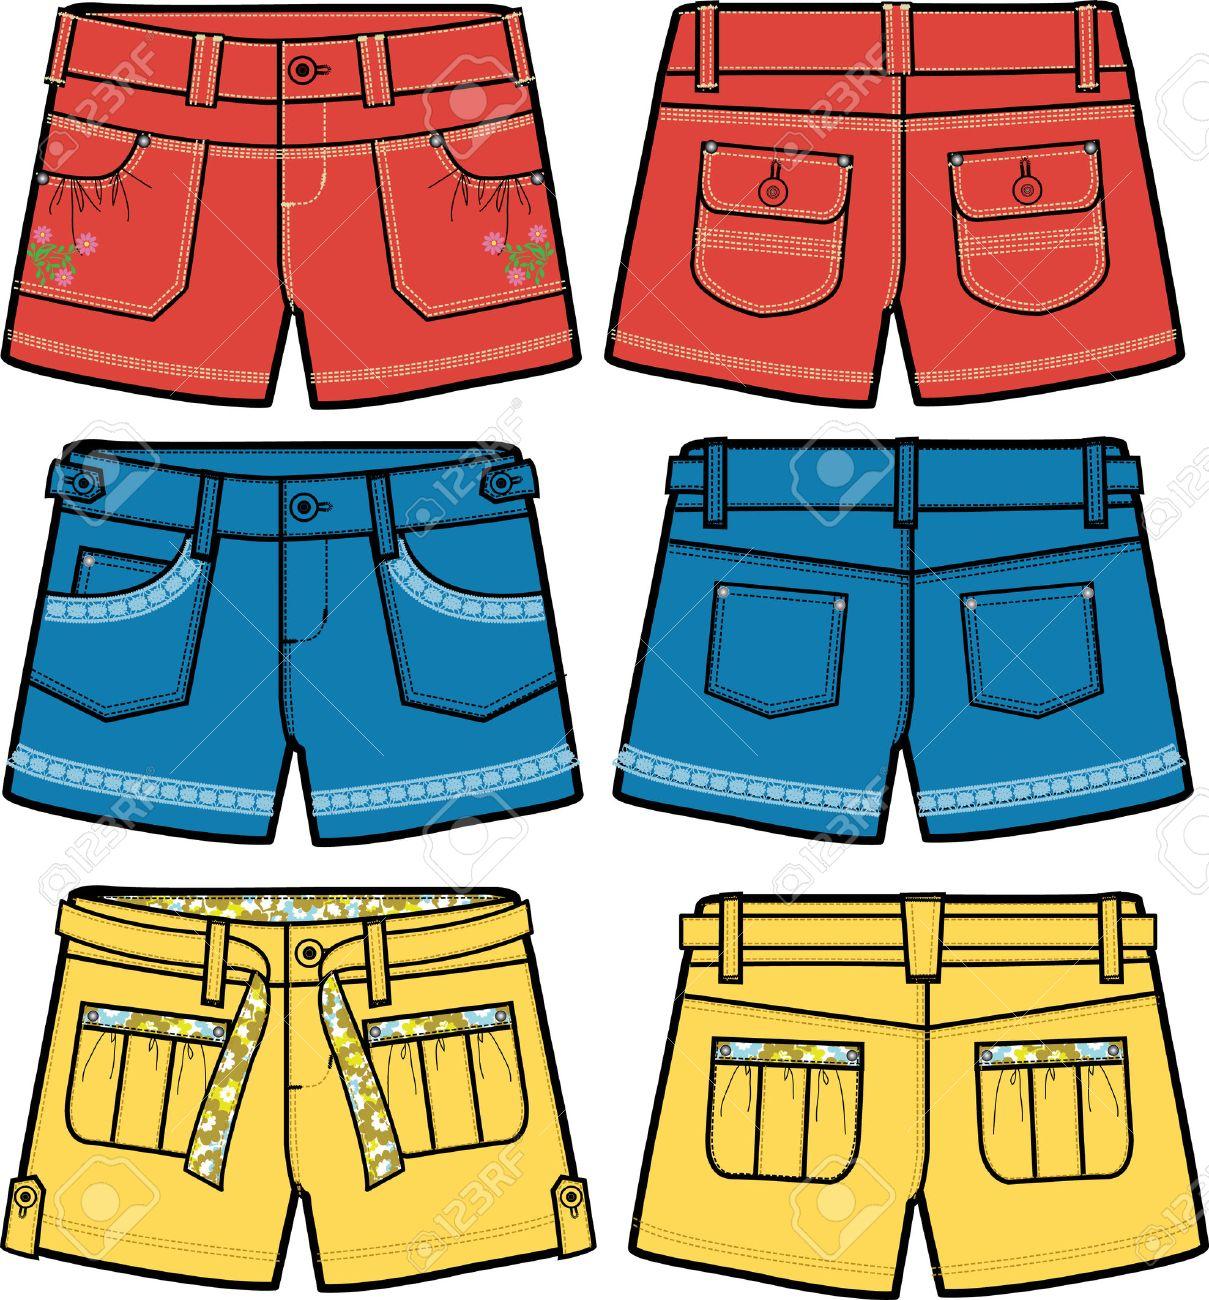 girls fancy hot shorts - 5894757